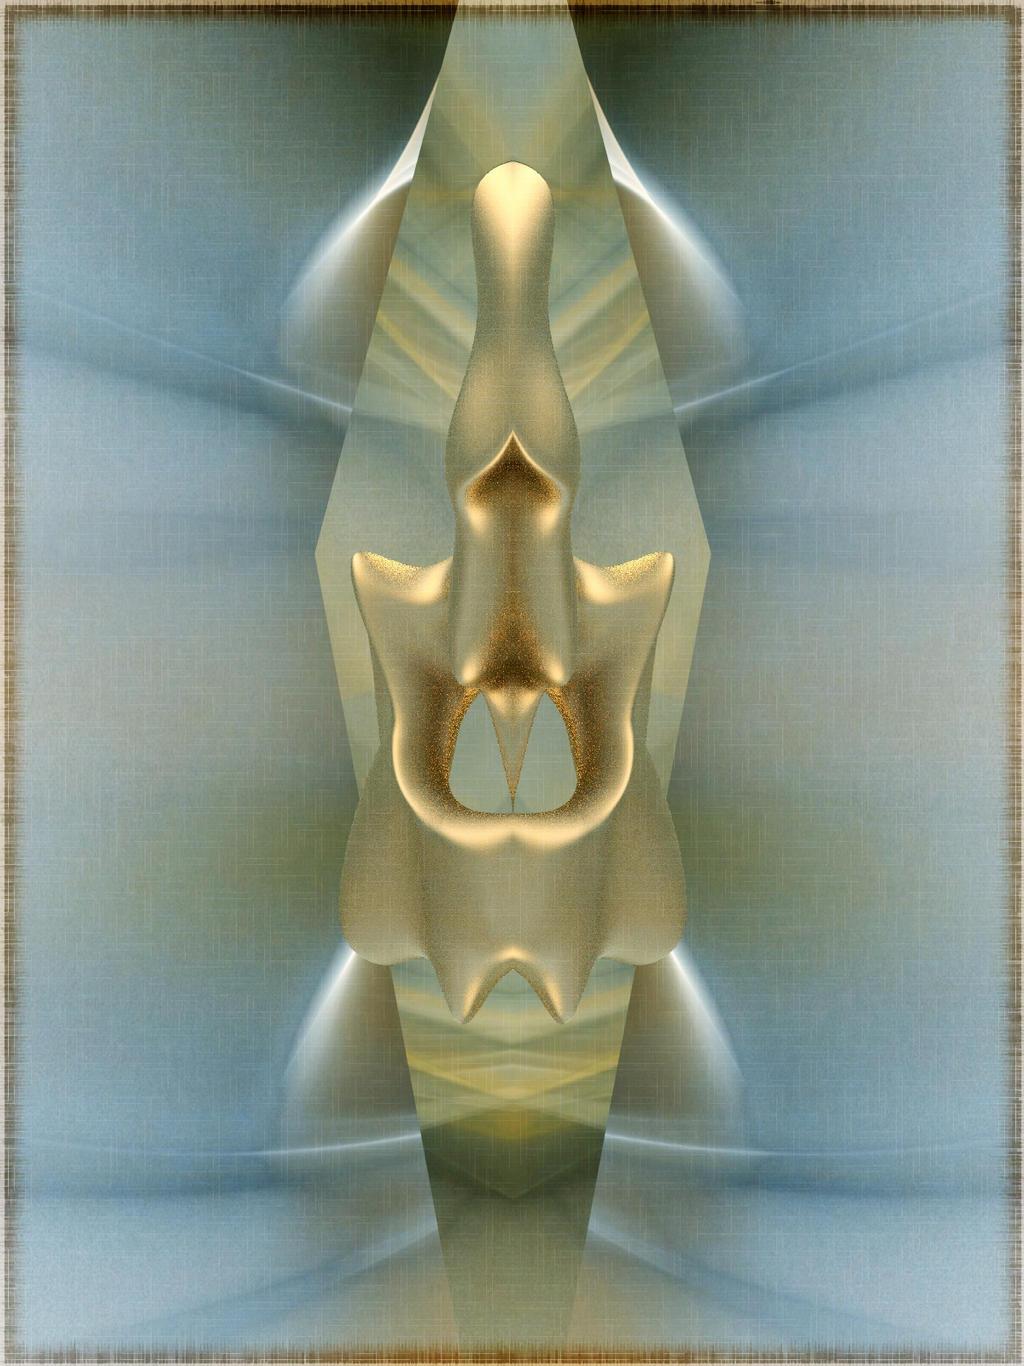 The Bishop or Dreamweaver by Joe-Maccer